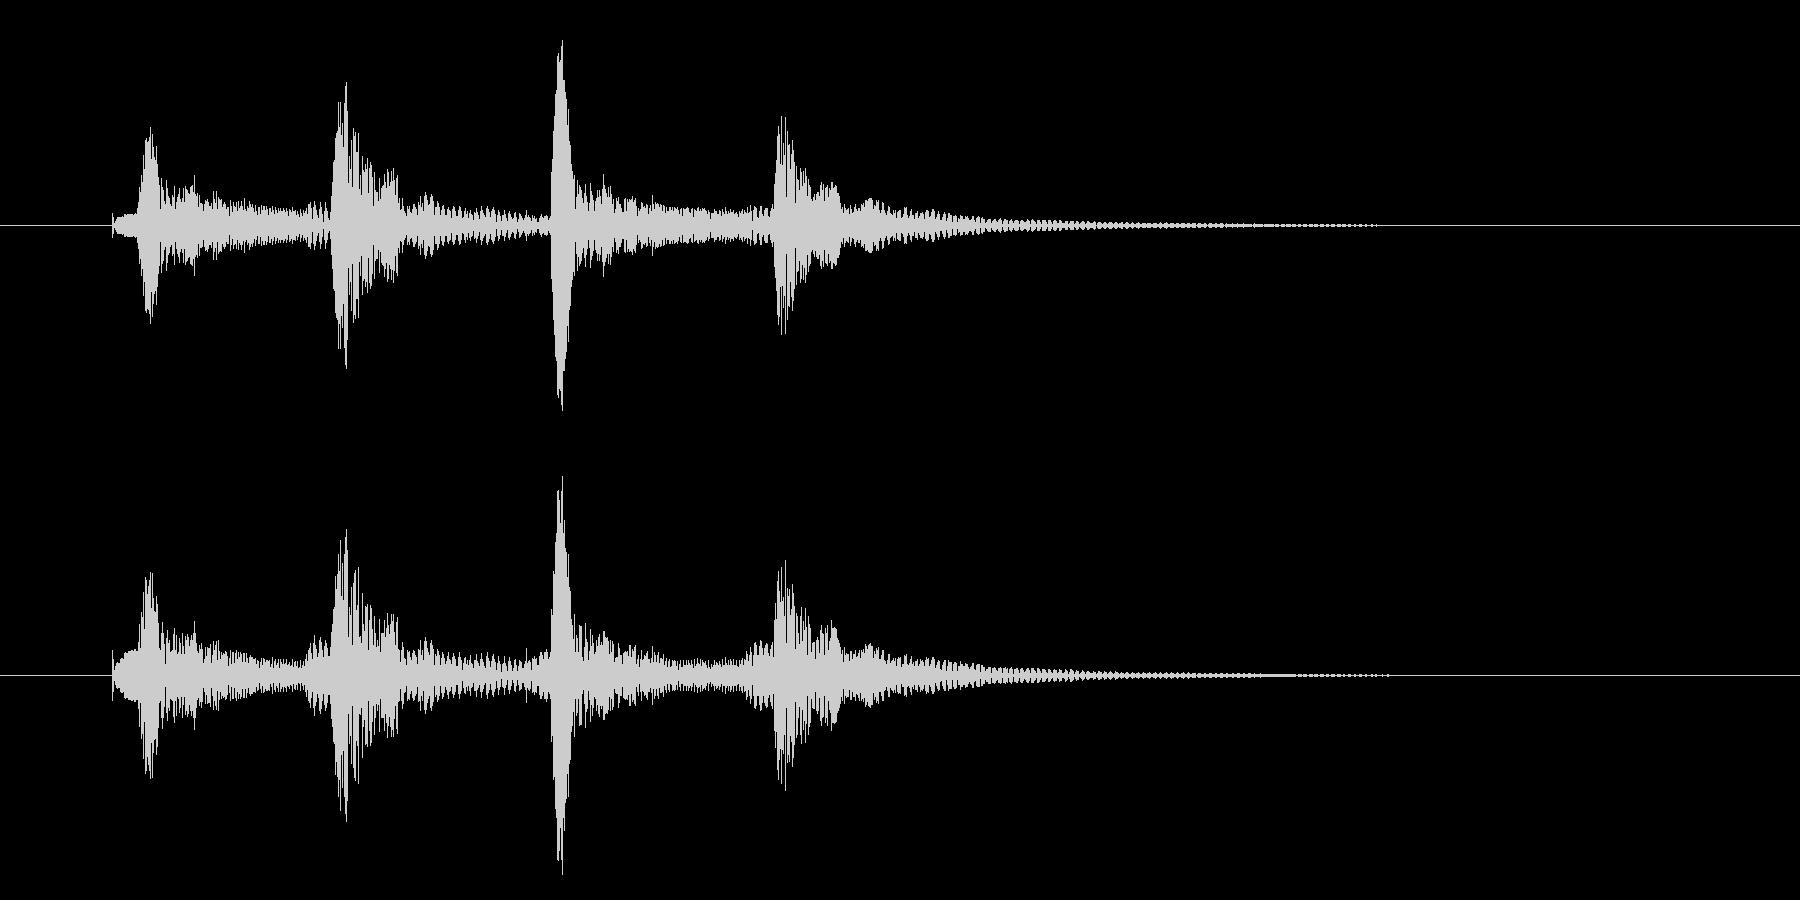 ピコピコッ/通知/テロップ/コミカル_2の未再生の波形